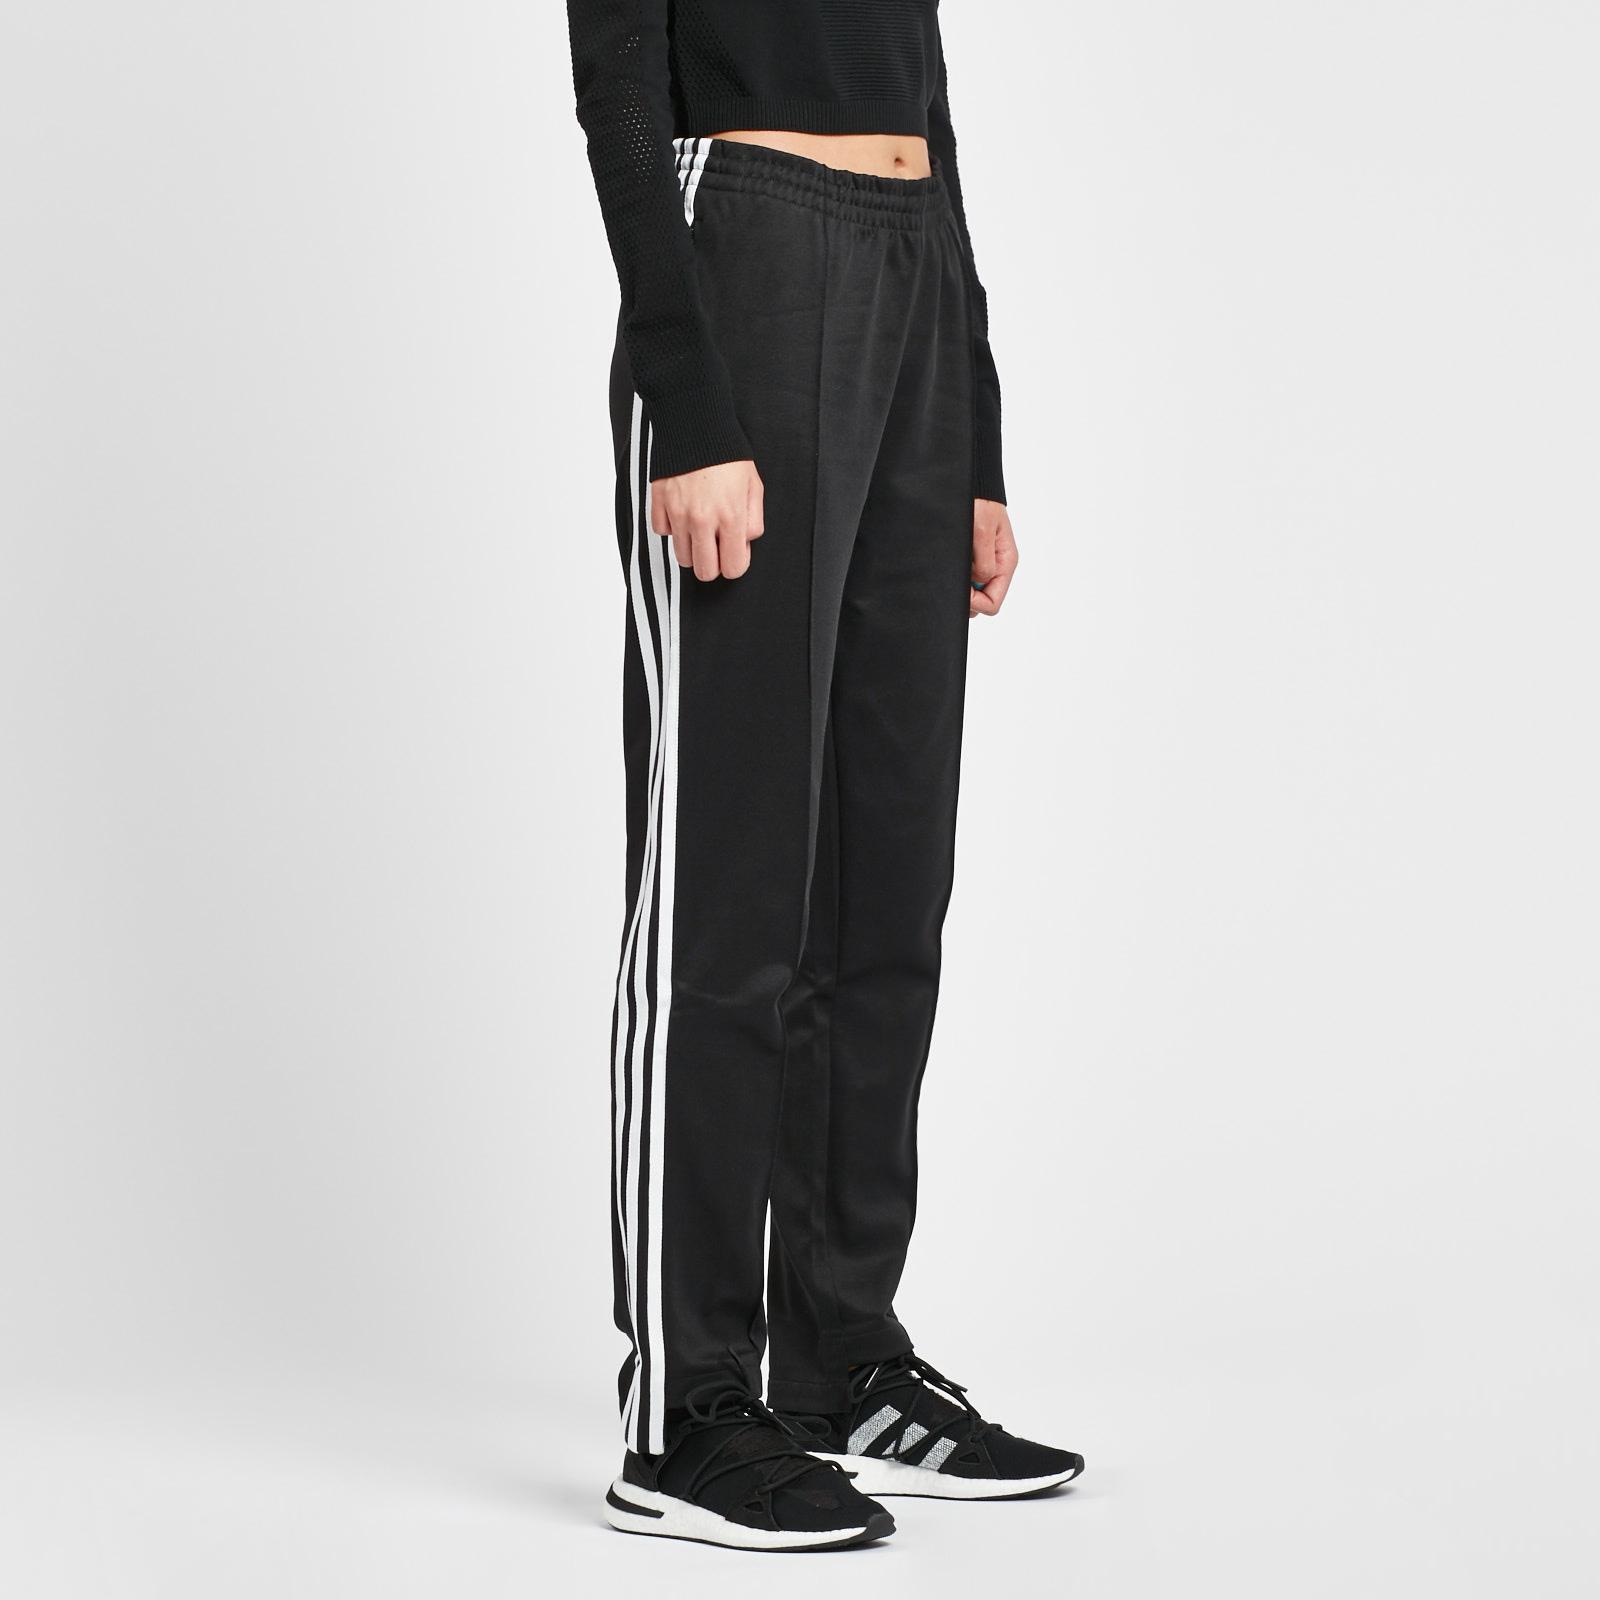 adidas 3 stripe premiere pants